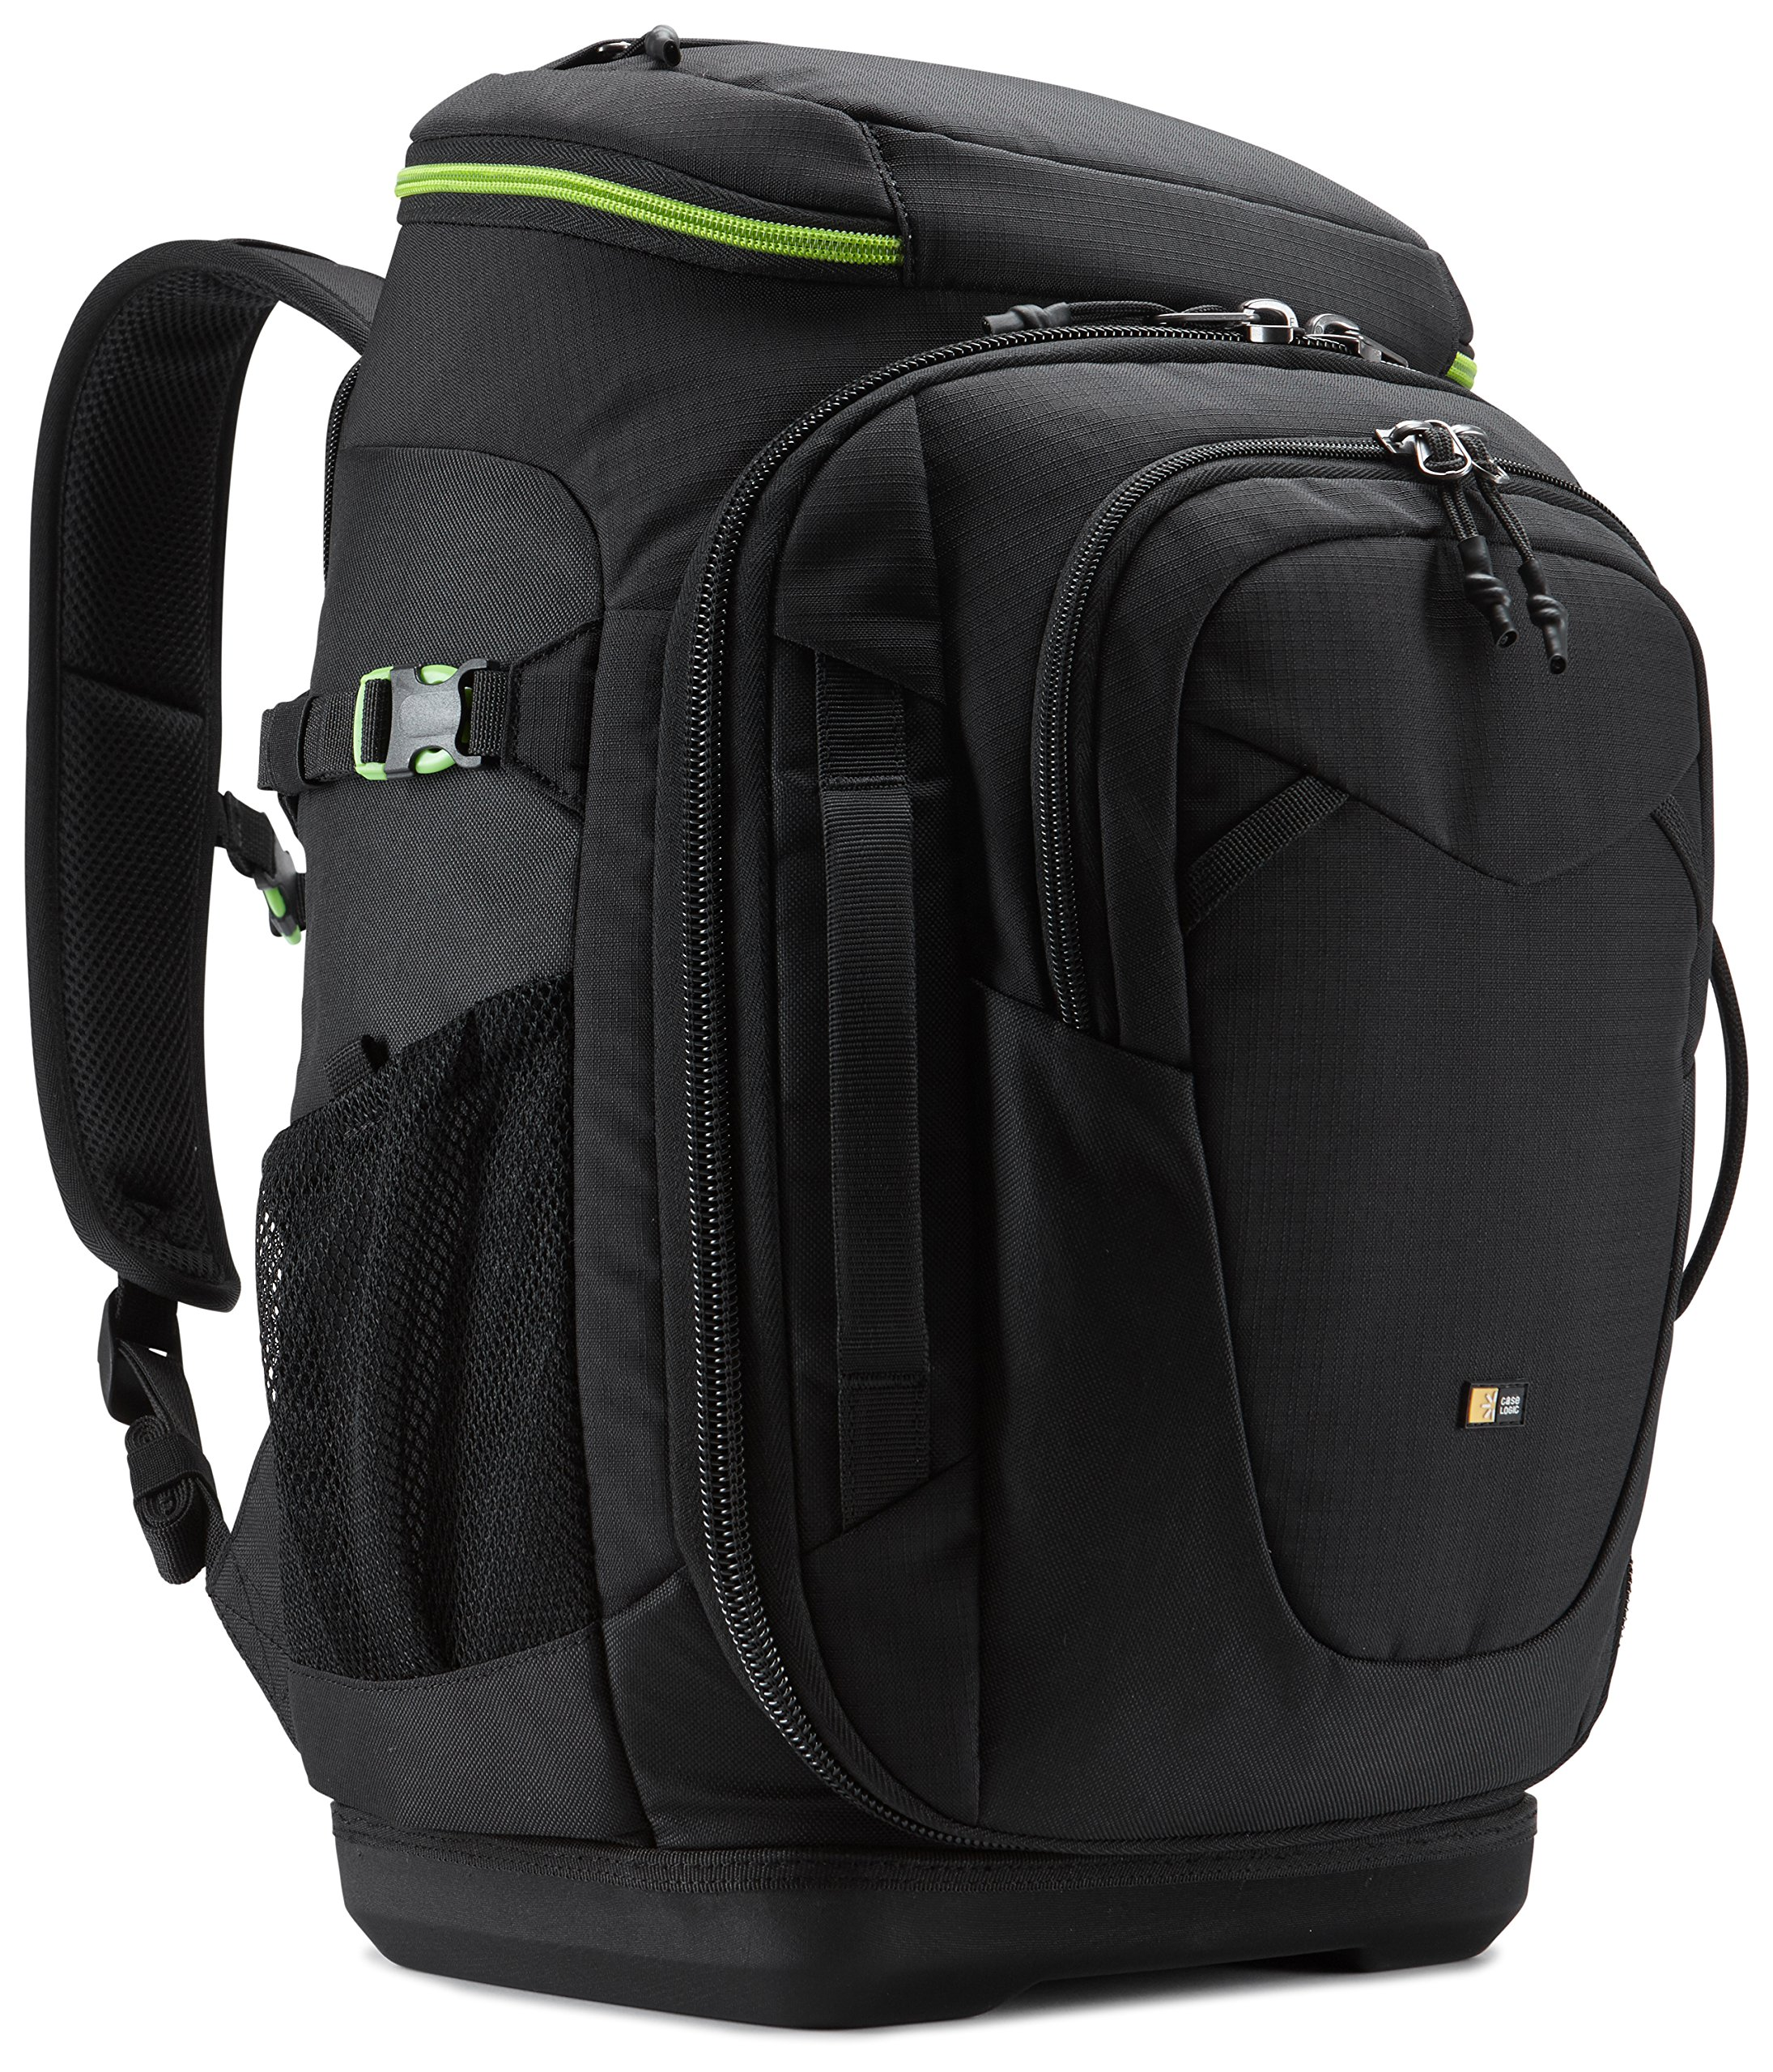 Case Logic KDB-101 Kontrast Pro-DSLR Backpack (Black)